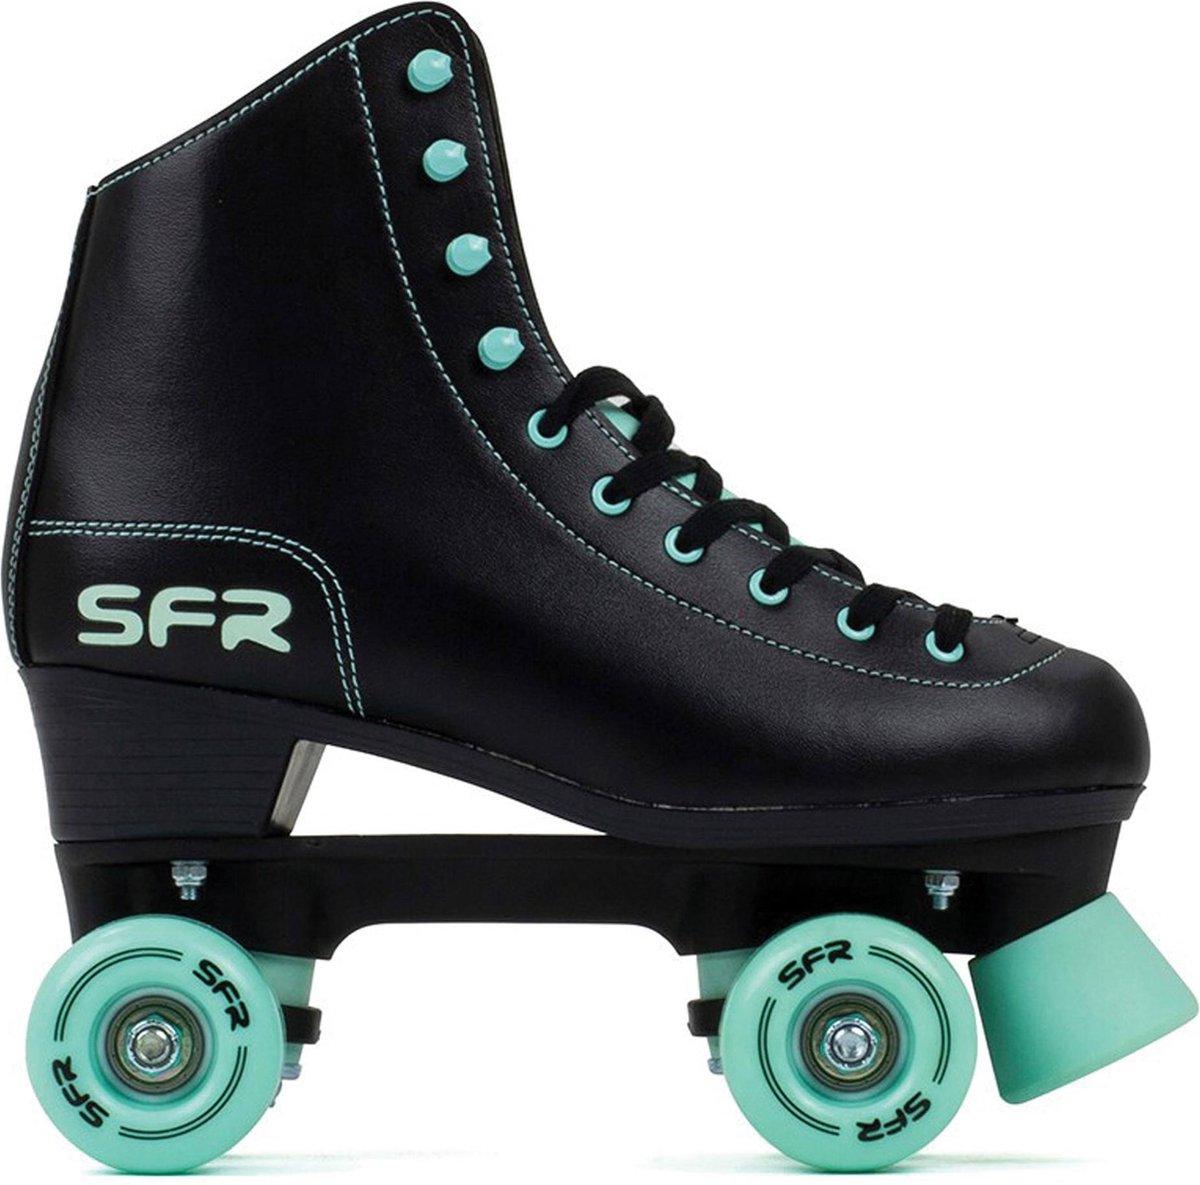 SFR Rolschaatsen - Maat 35.5Kinderen - Zwart/Mint groen